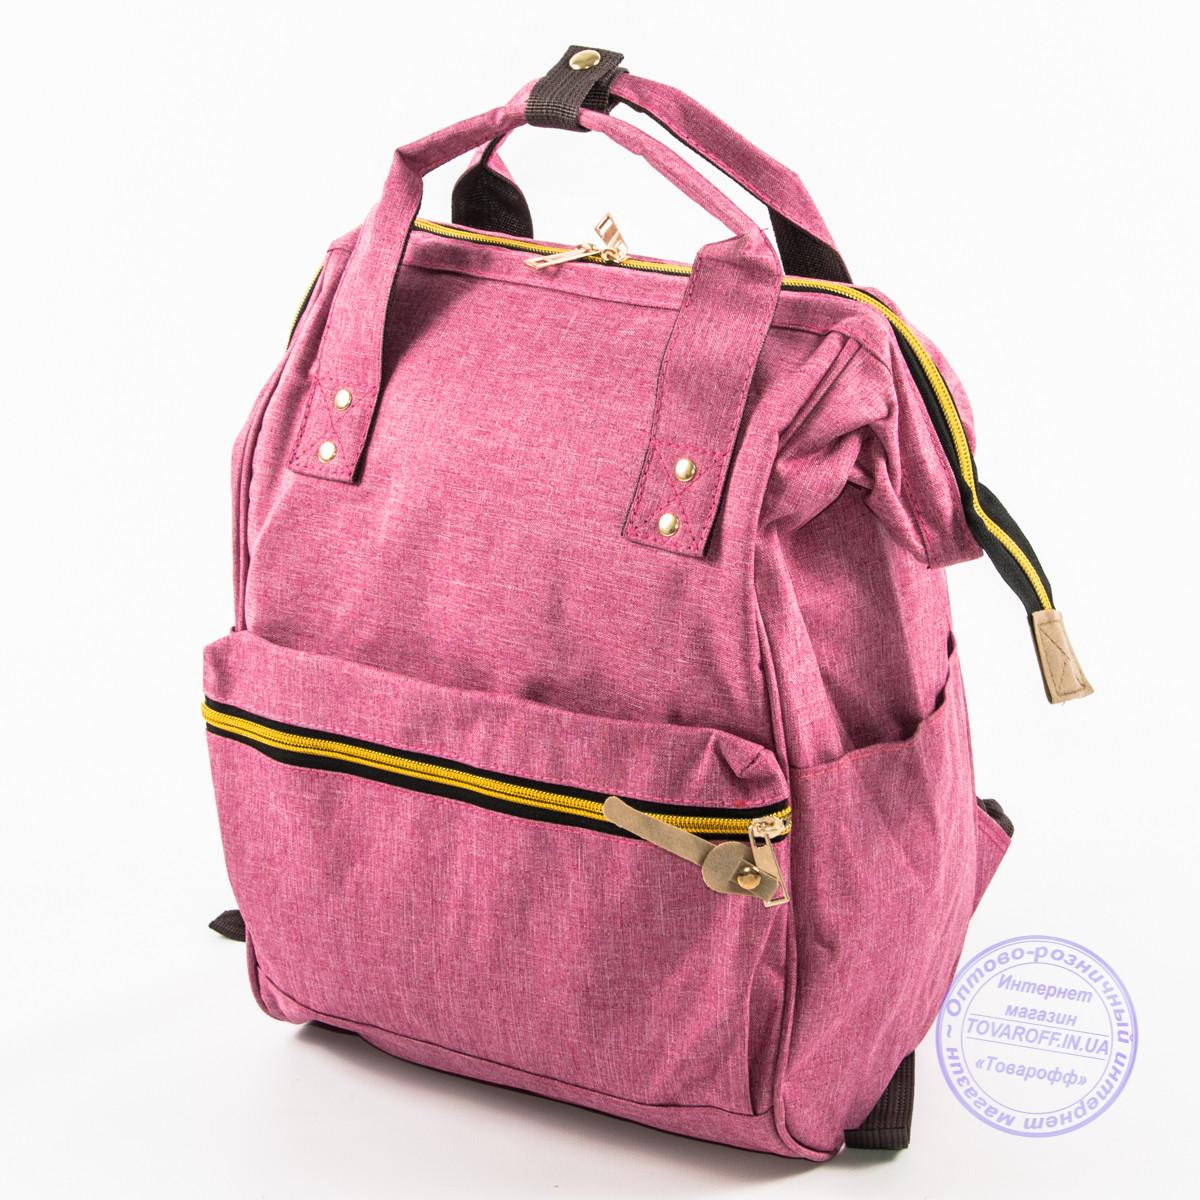 ffec1bbb63d0 Сумка-рюкзак для школы или для прогулок - розовая - 118 - Интернет магазин  Товарофф